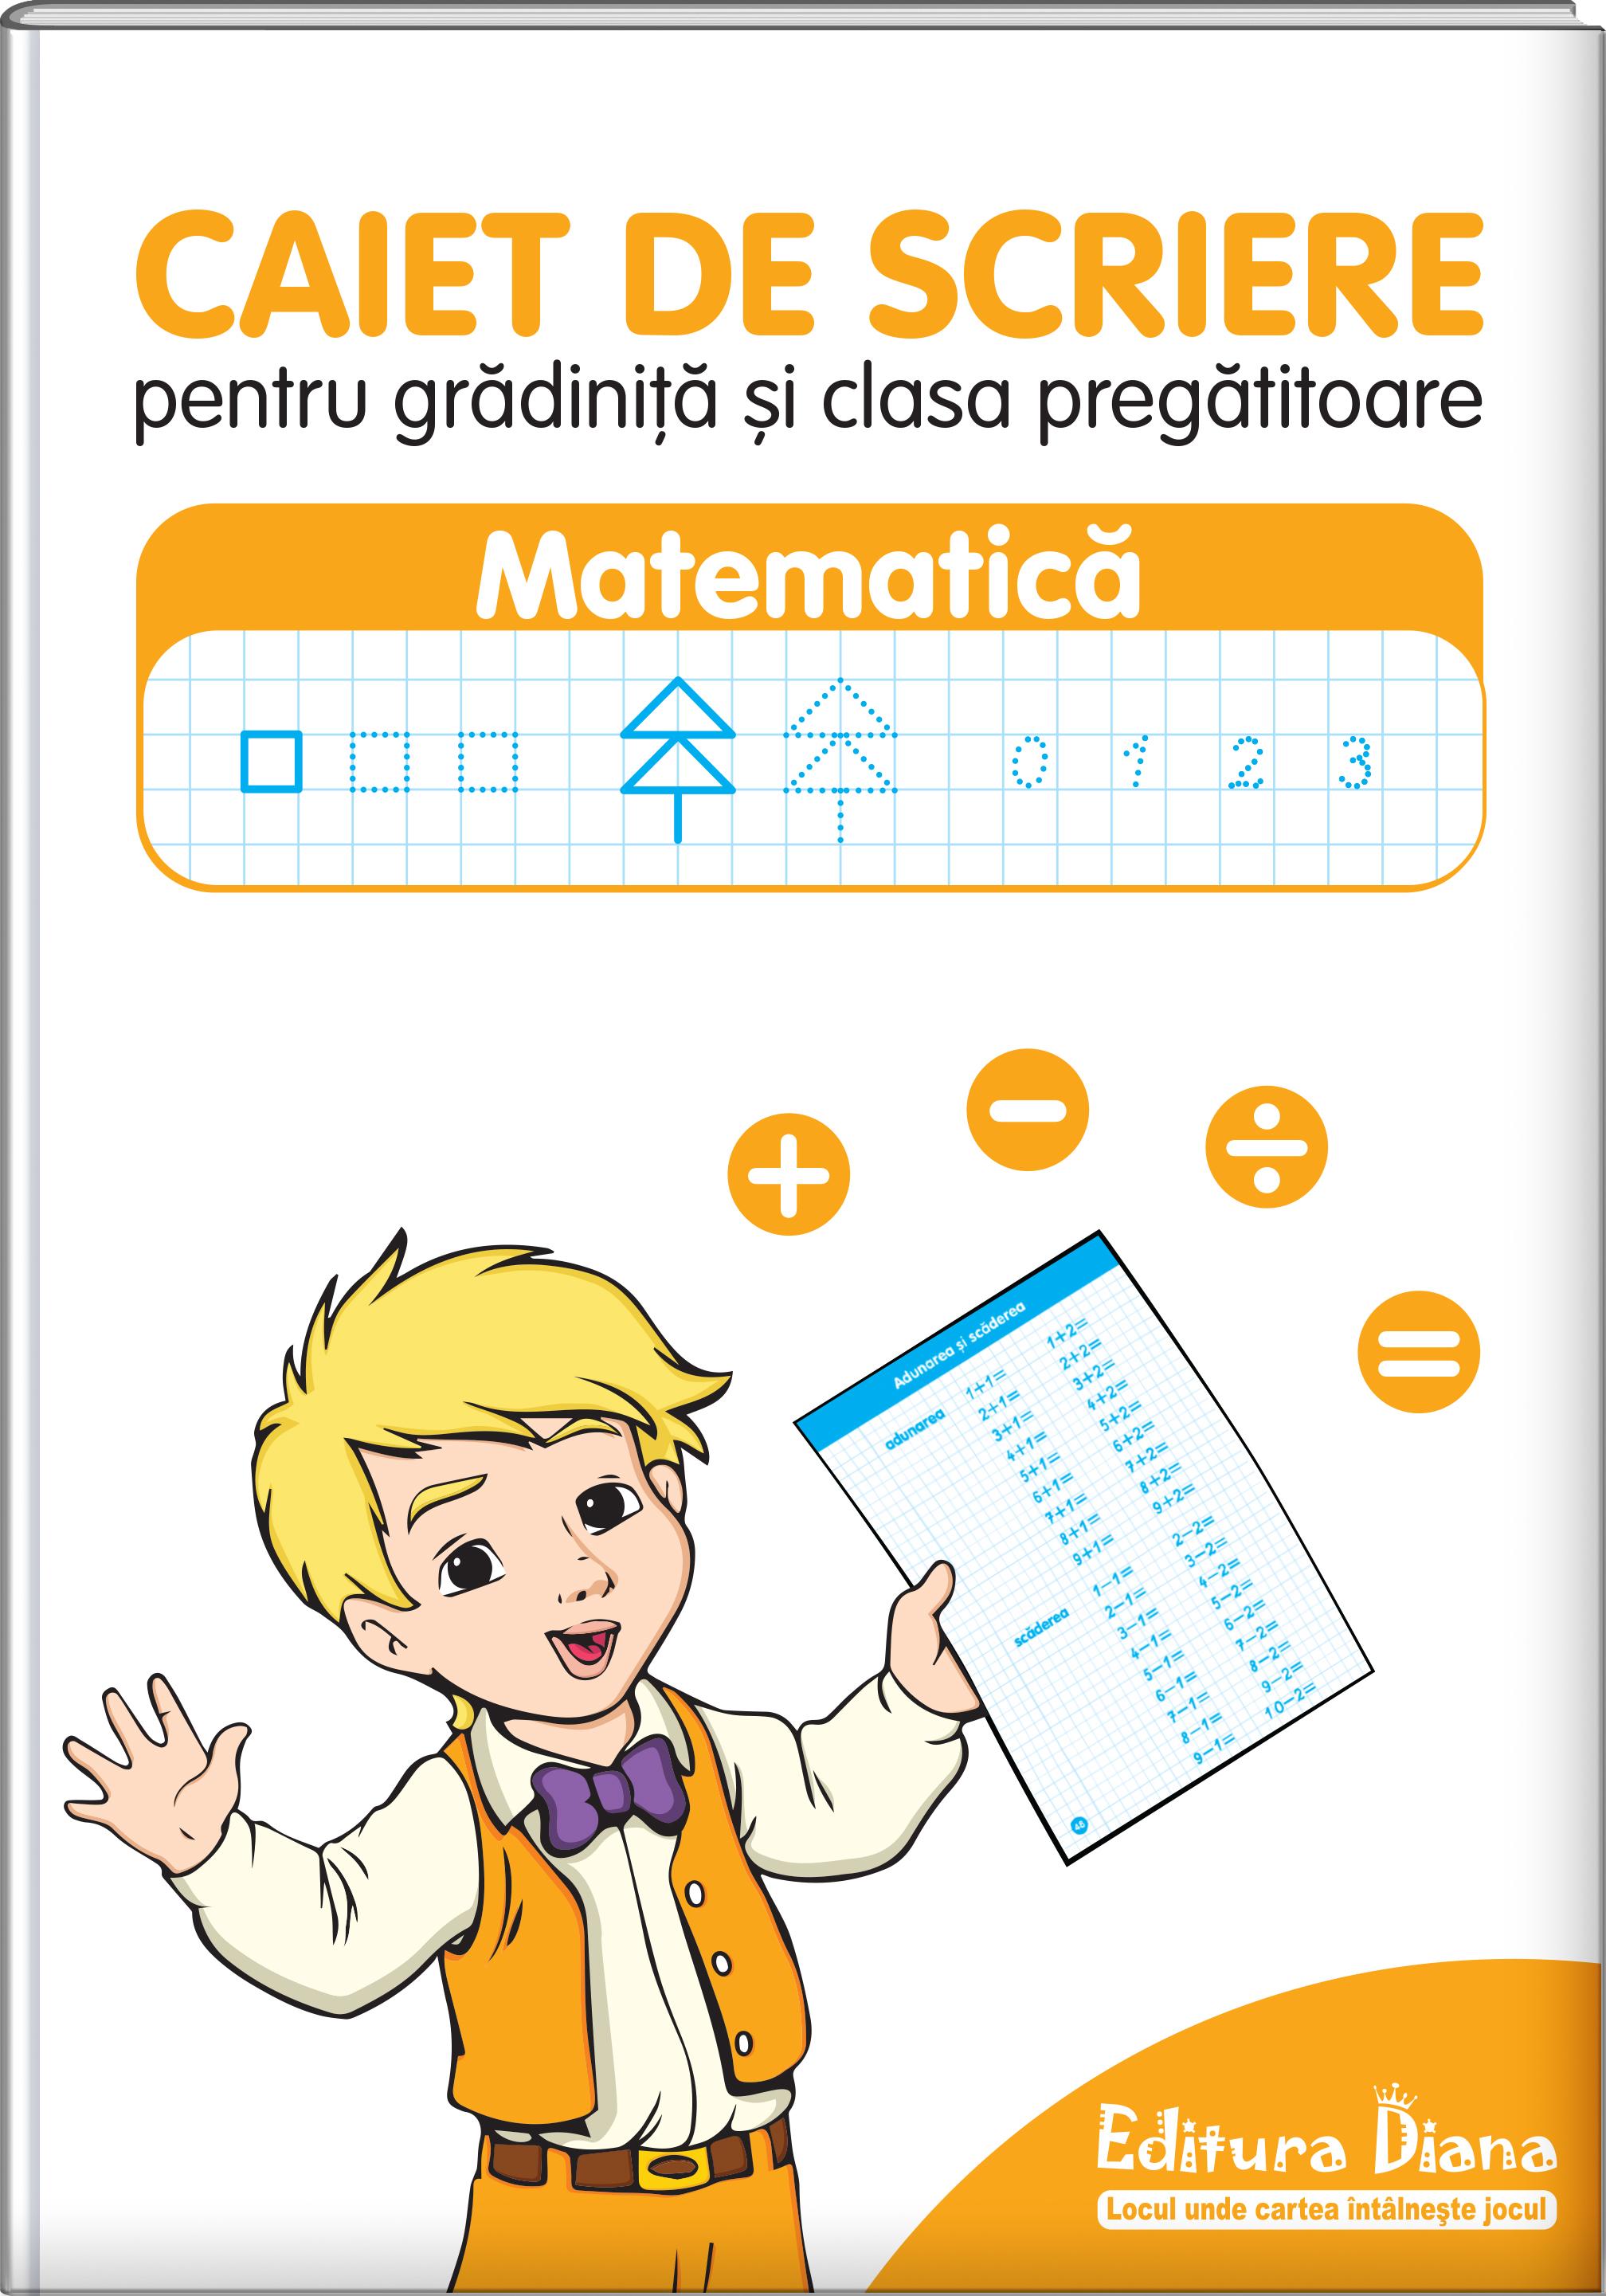 Caiet de scriere pentru grădiniță și clasa pregătitoare - Matematică imagine edituradiana.ro